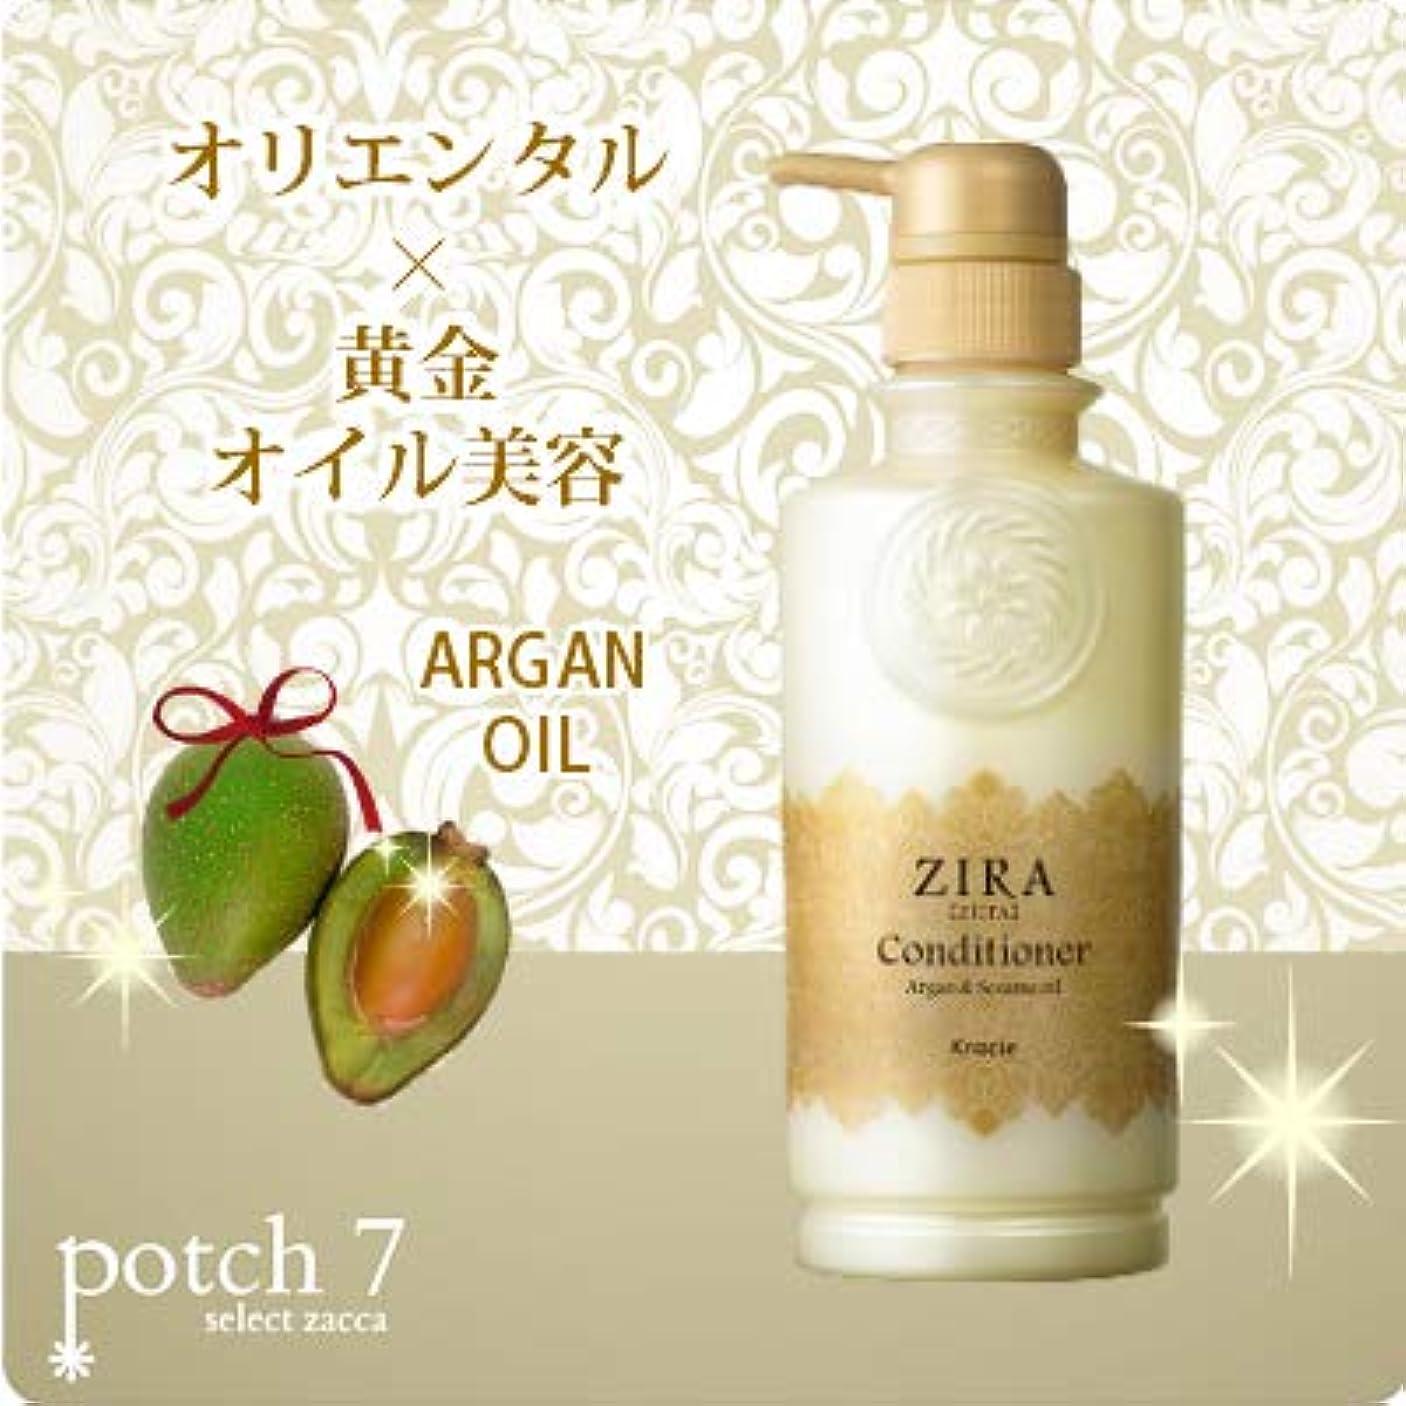 ジョグ非効率的な胃Kracie クラシエ ZIRA ジーラ コンディショナー 420ml オリエンタル美容